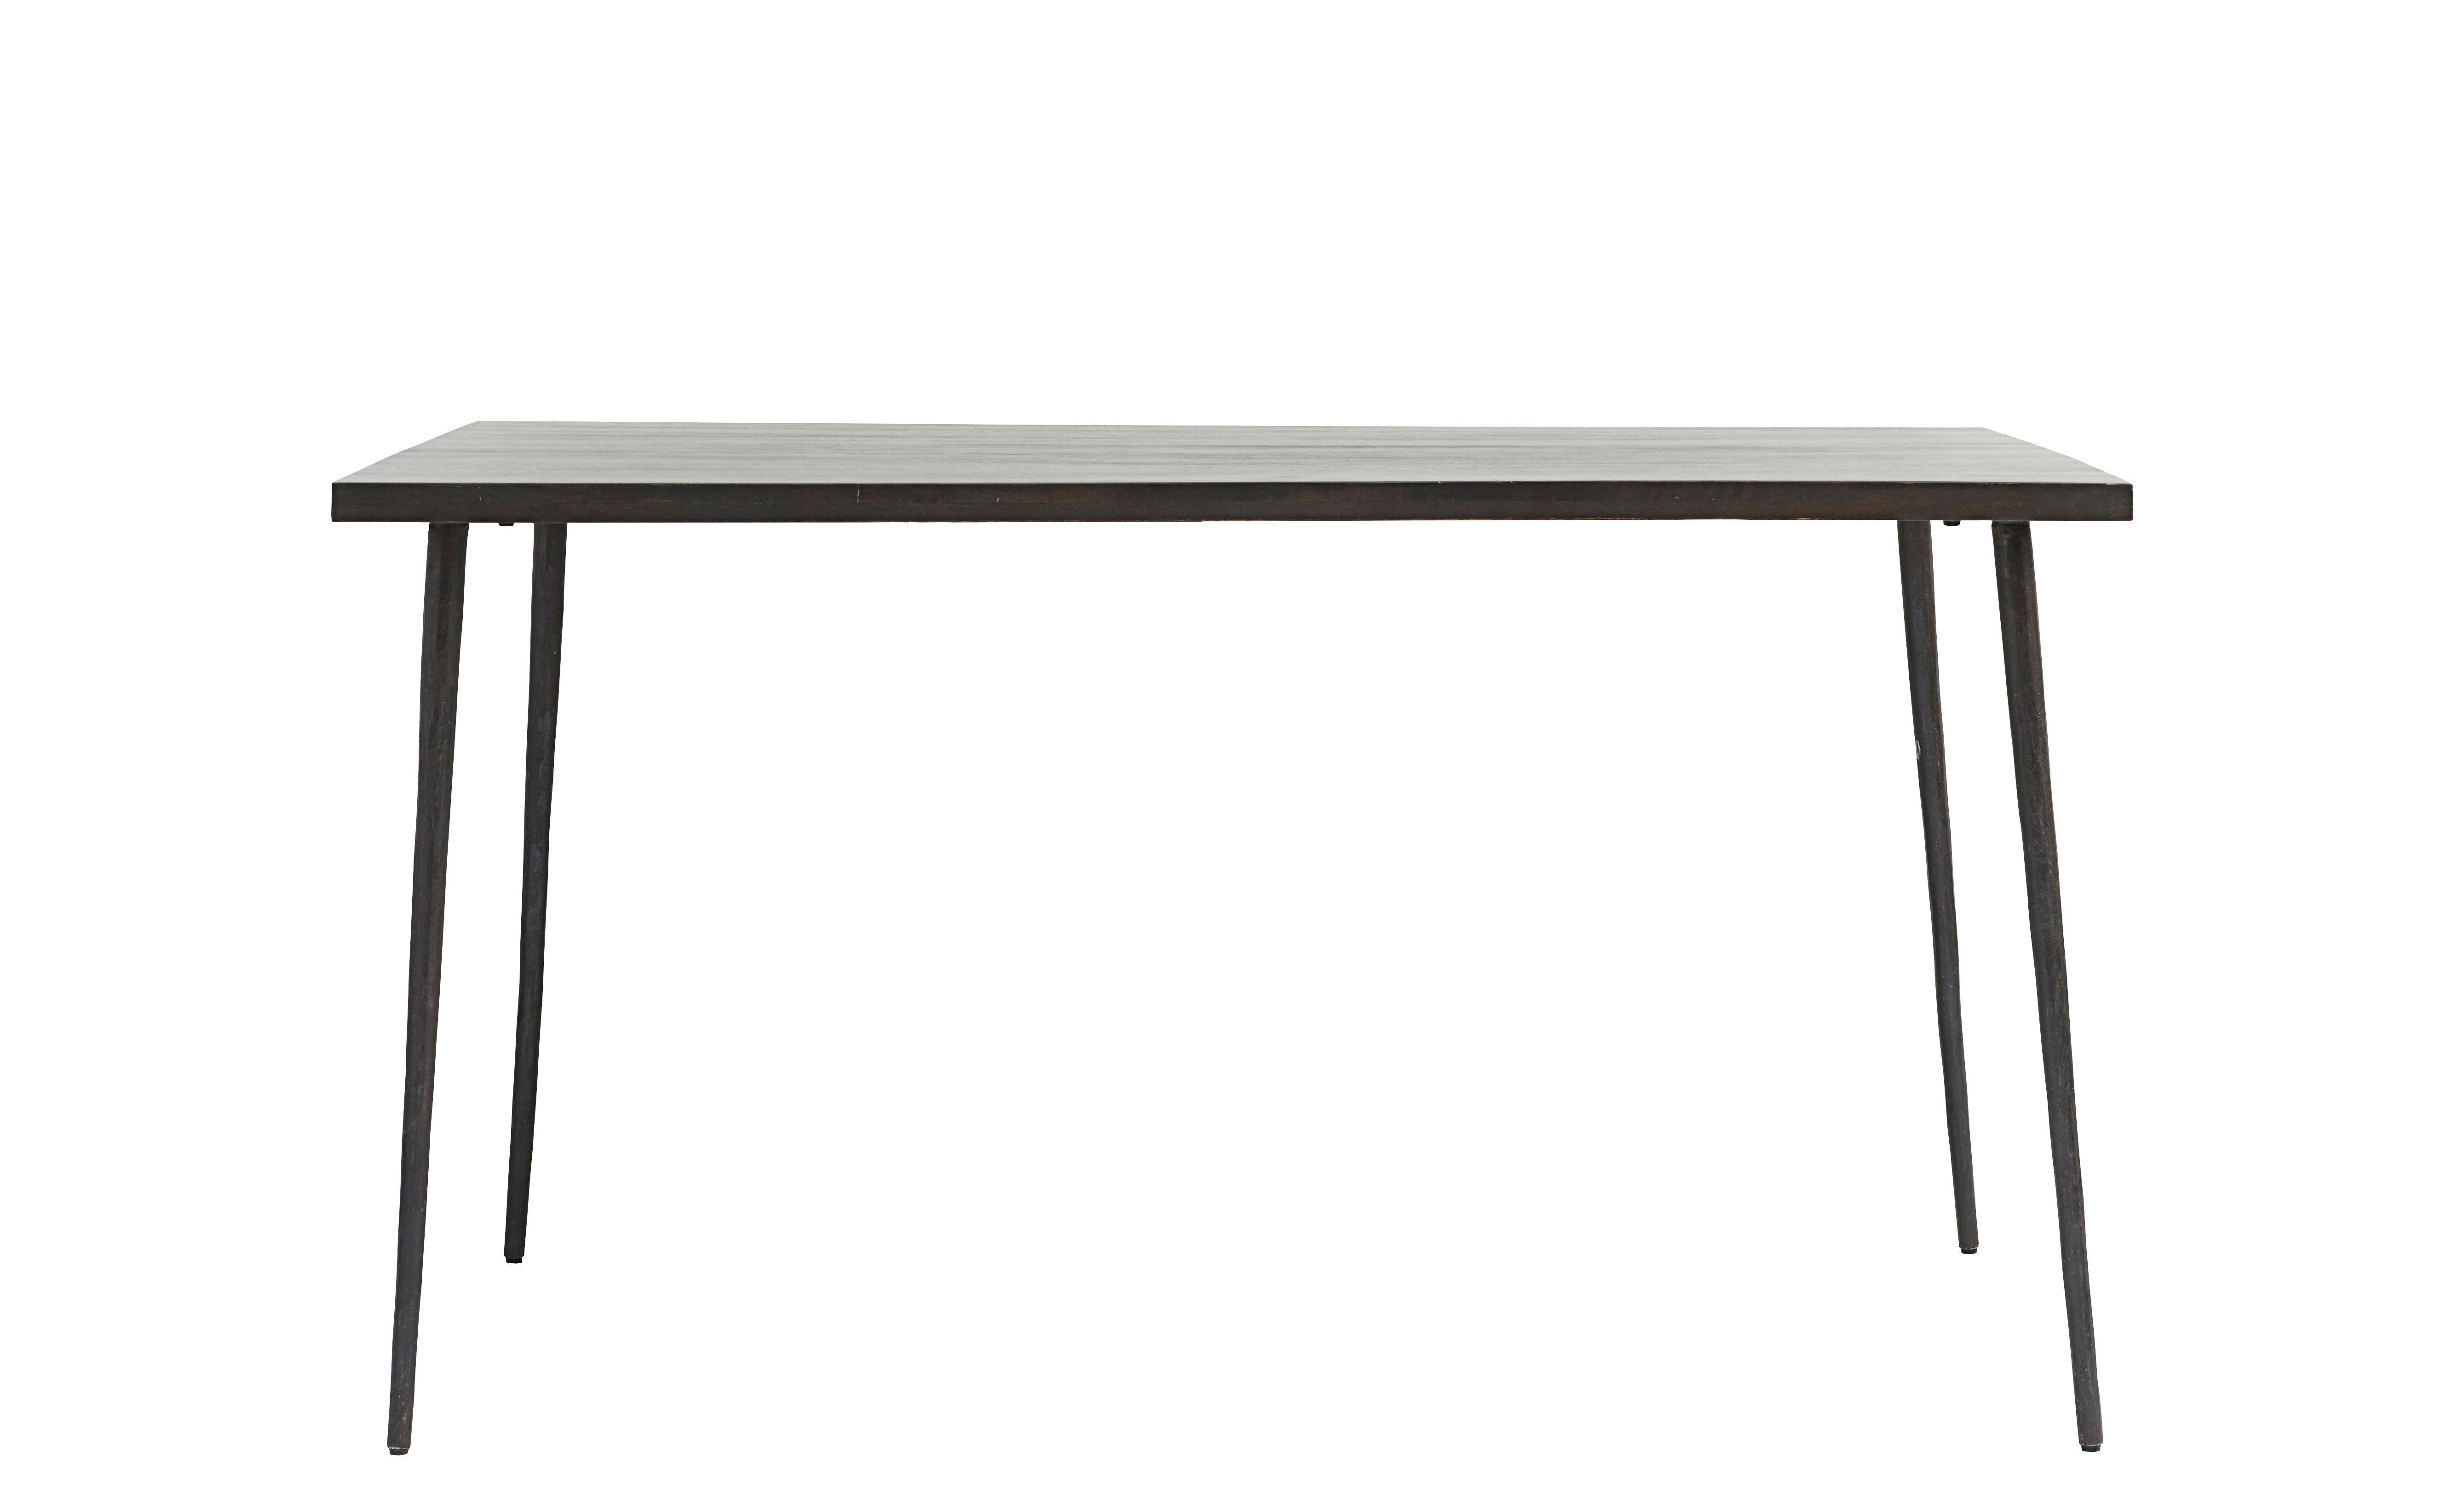 Mobilier - Tables - Table rectangulaire Slated / Bois & métal - 140 x 80 cm - House Doctor - Bois foncé / Pied noir - Bois de manguier, Fer peint